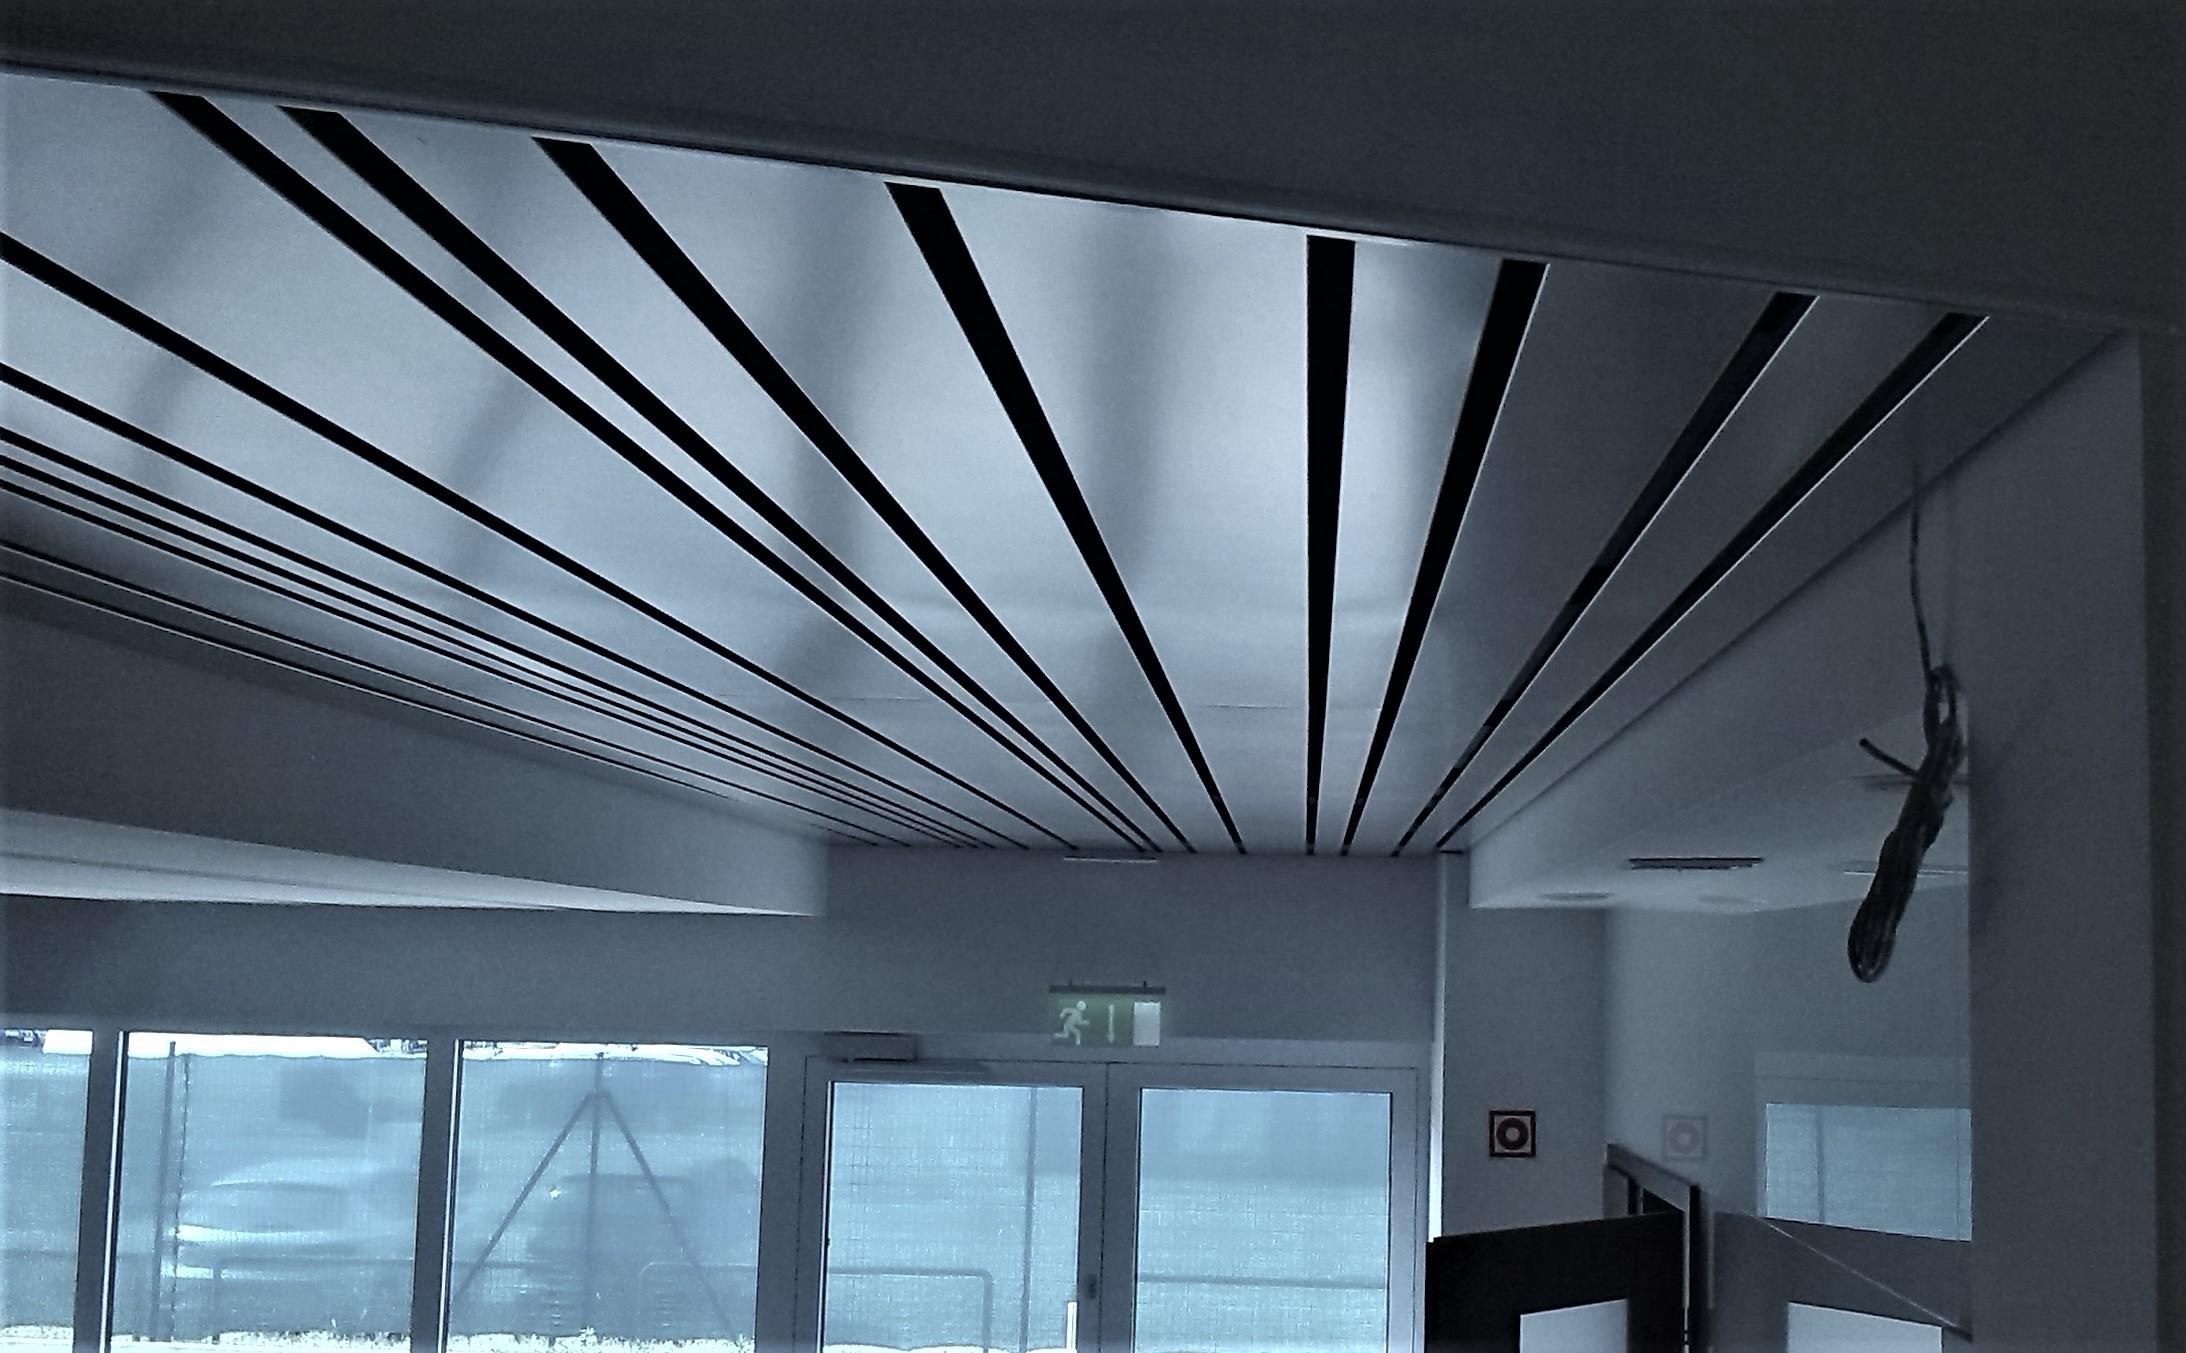 Alu multipanel álmennyezet led világítás nélkül